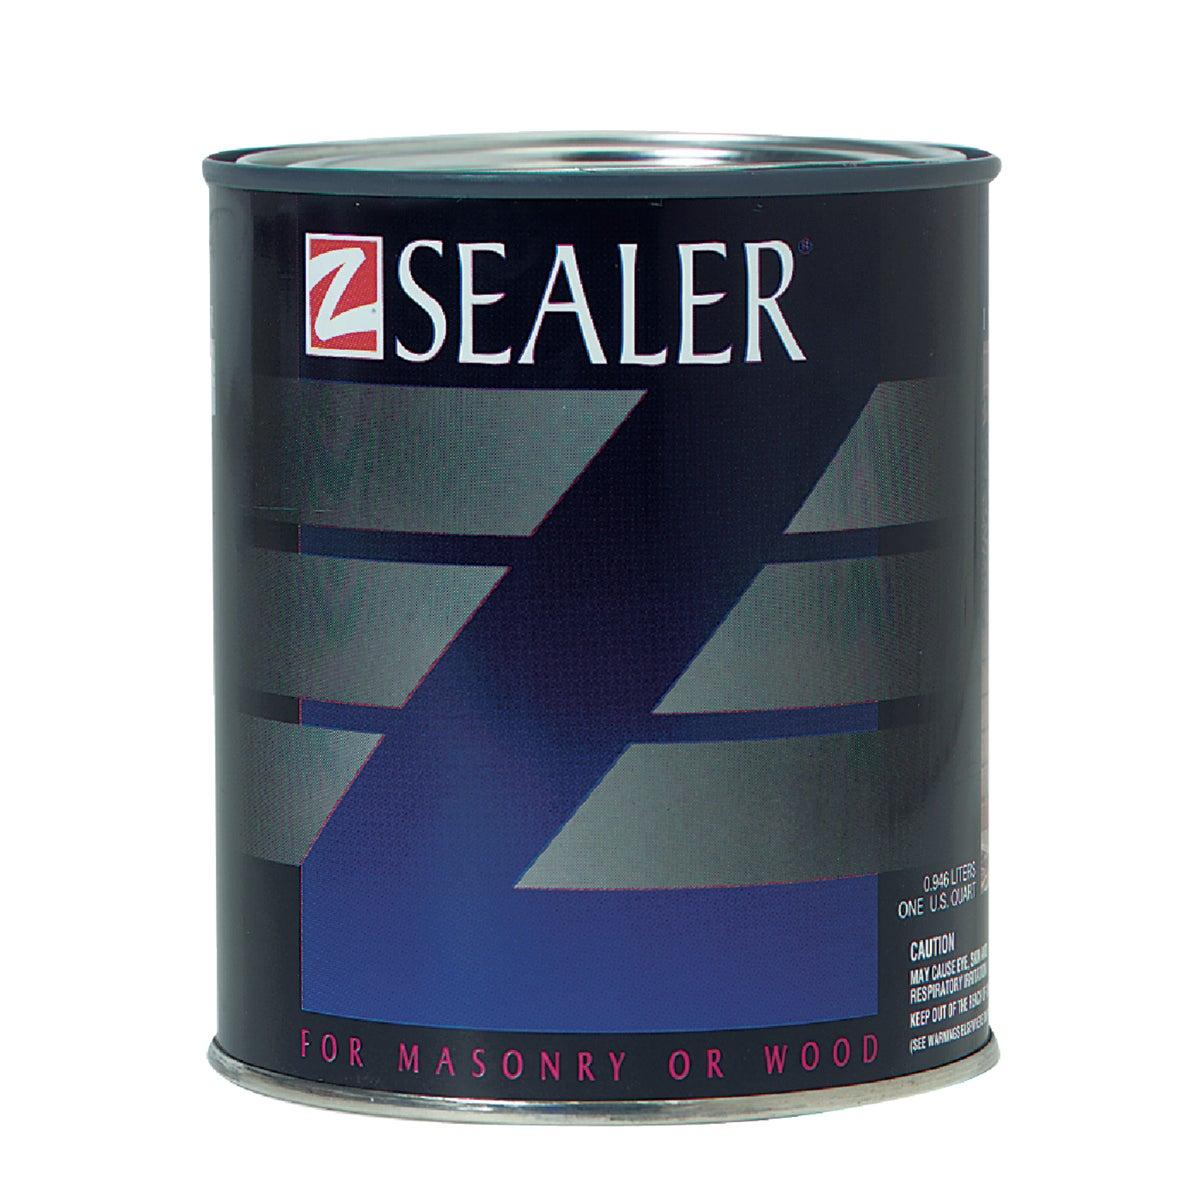 Z-SEALER